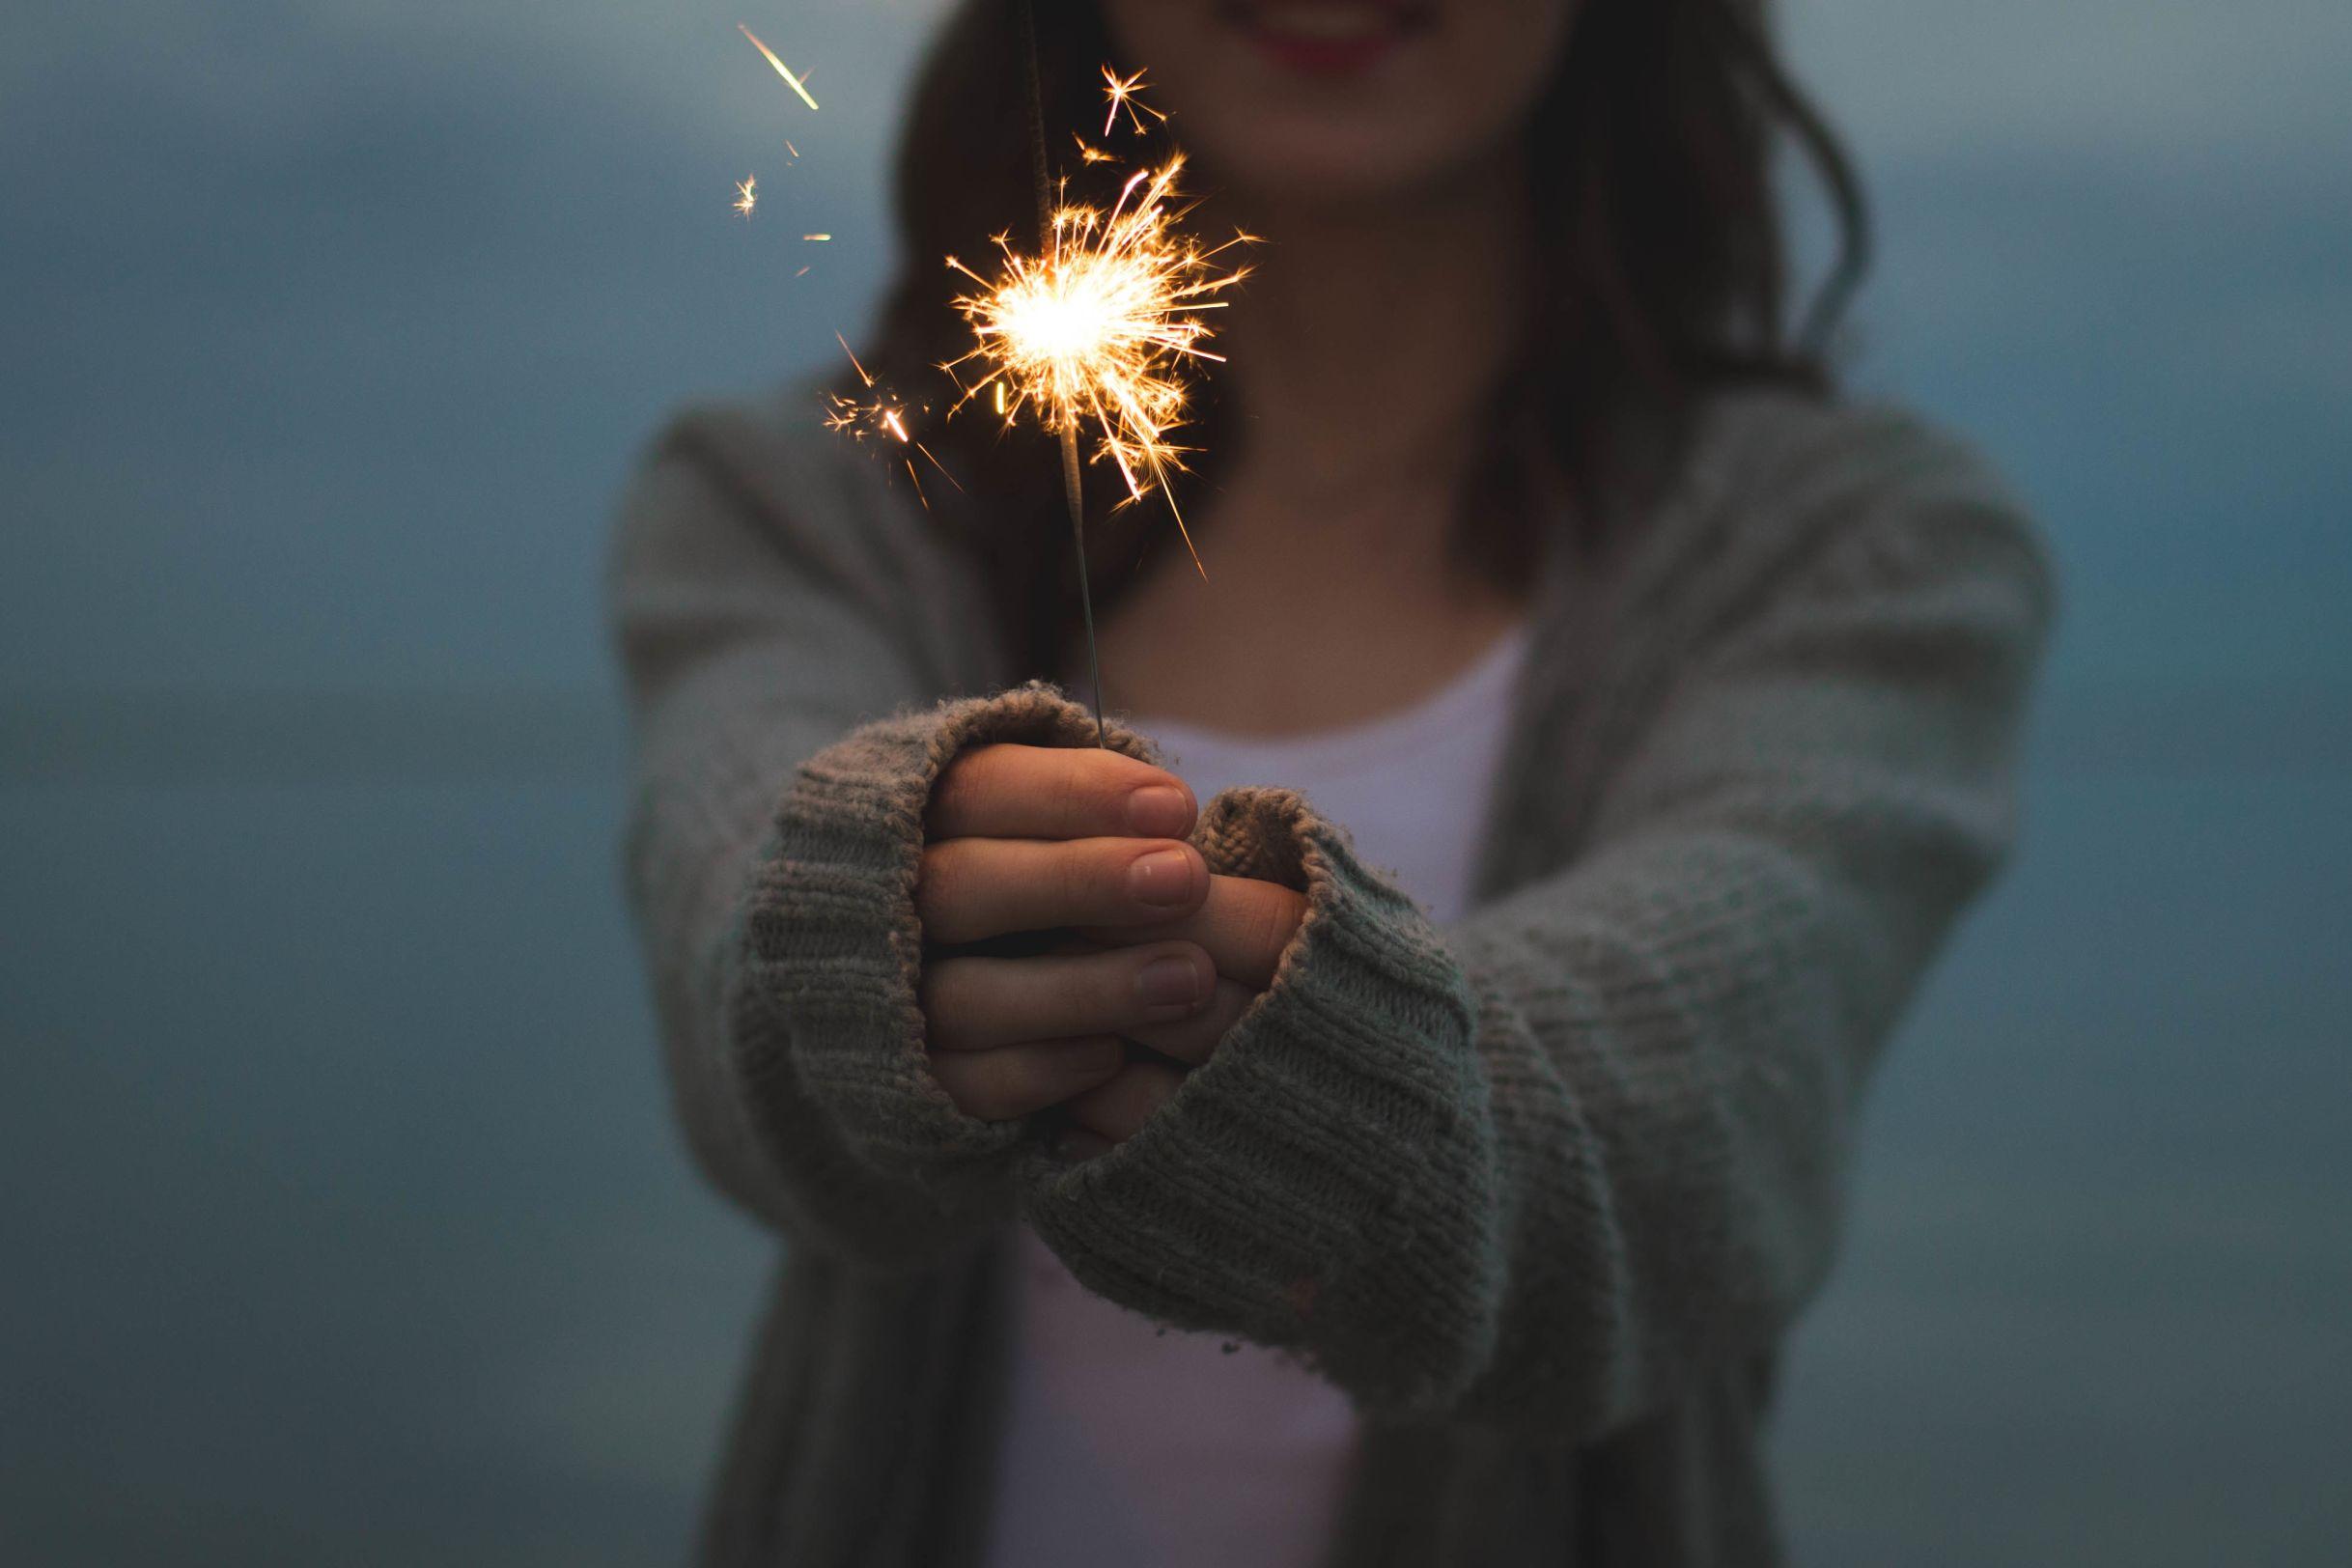 Yeni Yılda Kendime Söz Veriyorum